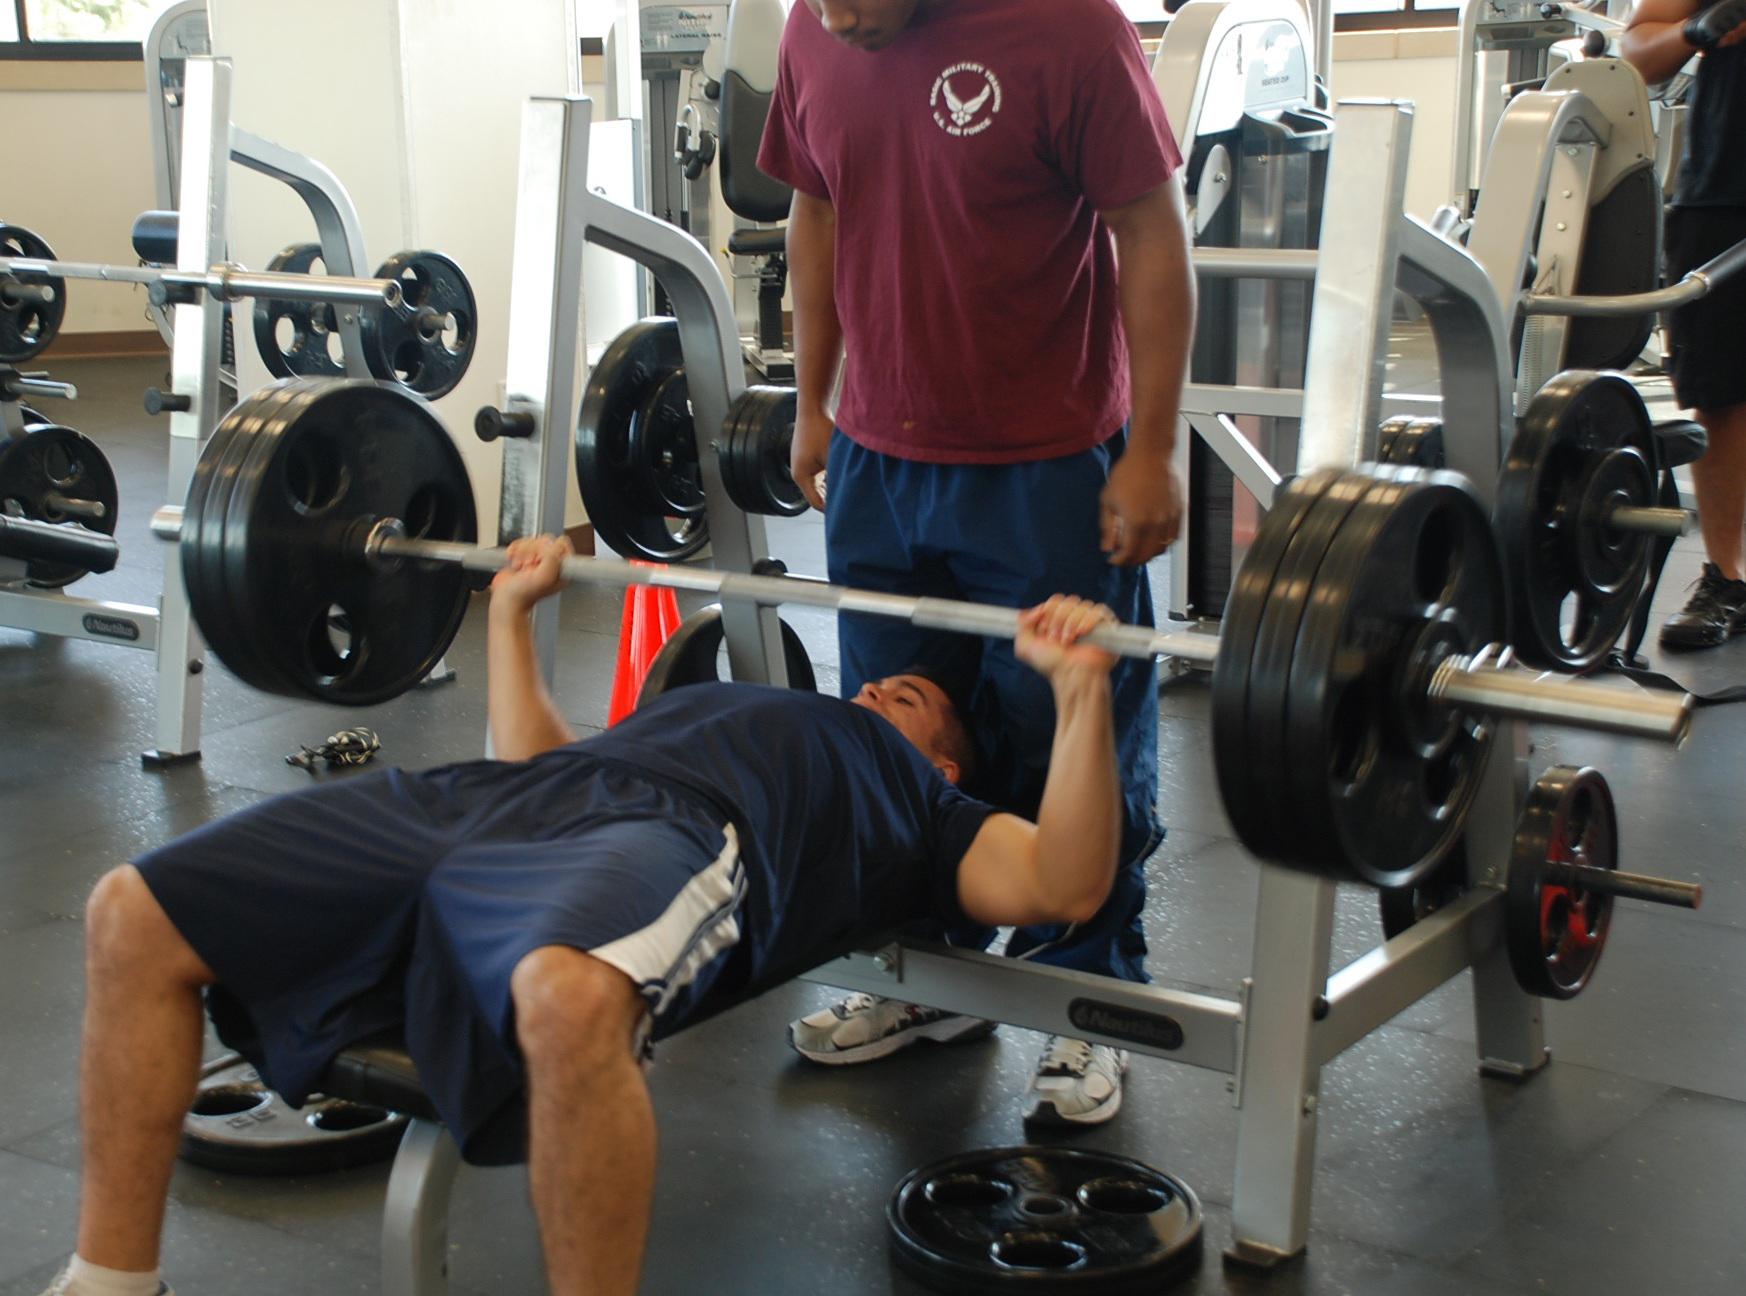 Laughlin afb gym